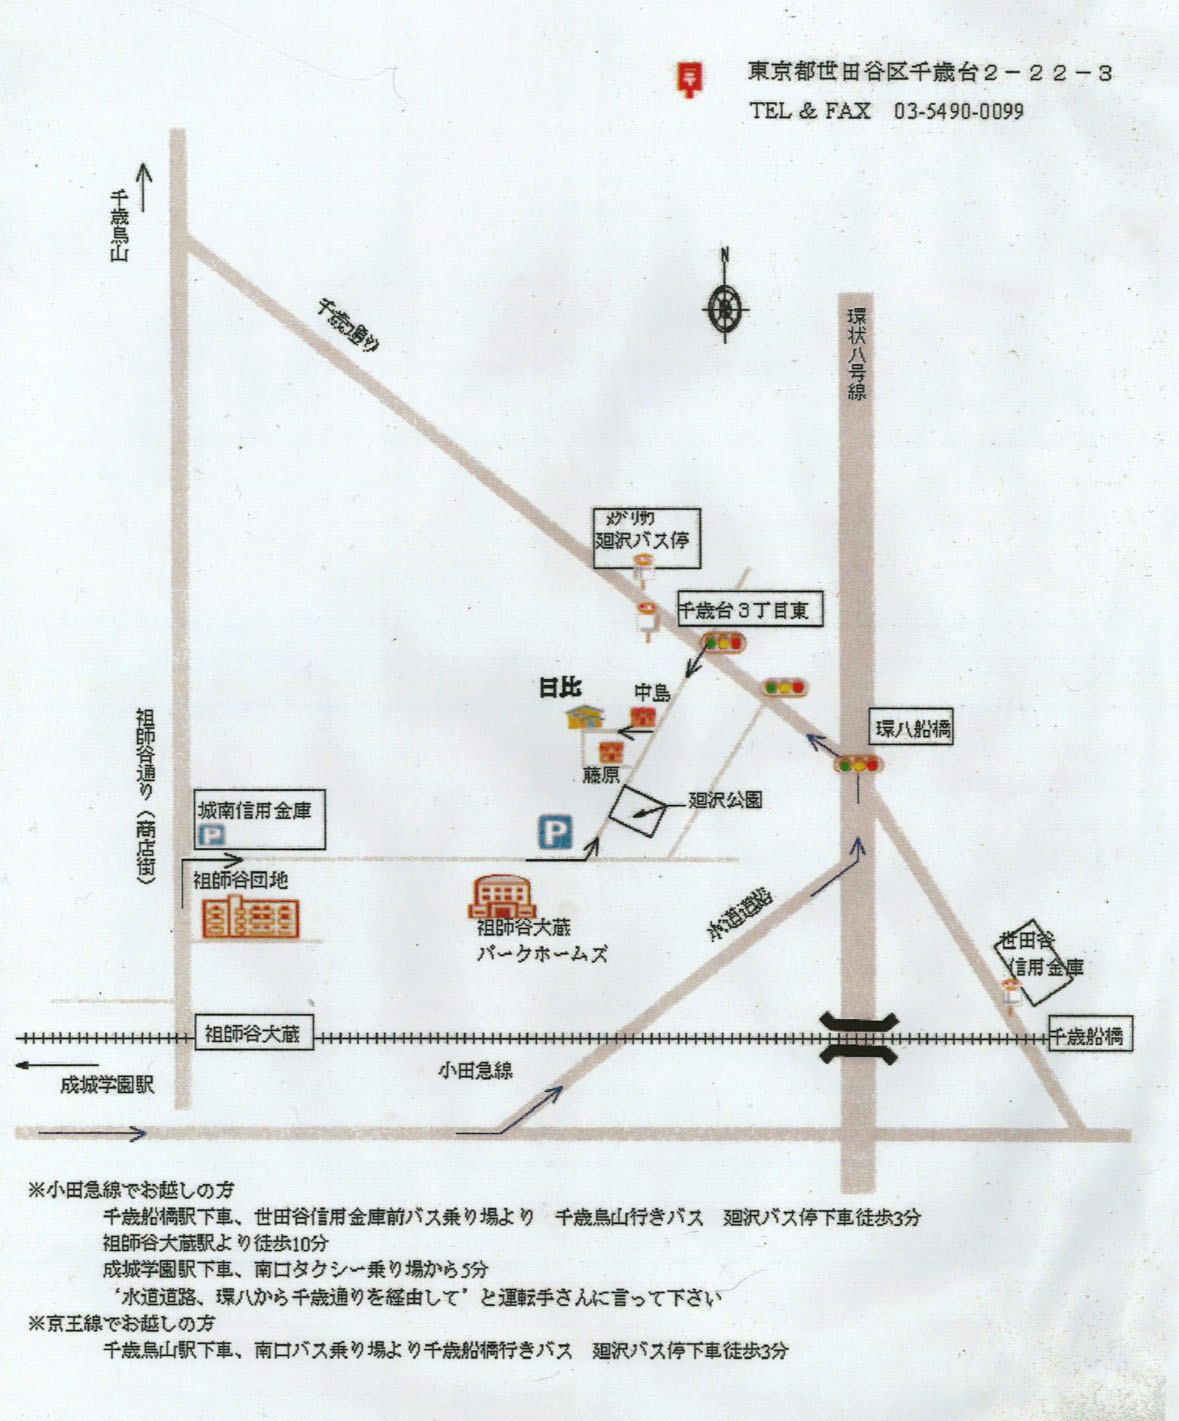 世田谷教室地図